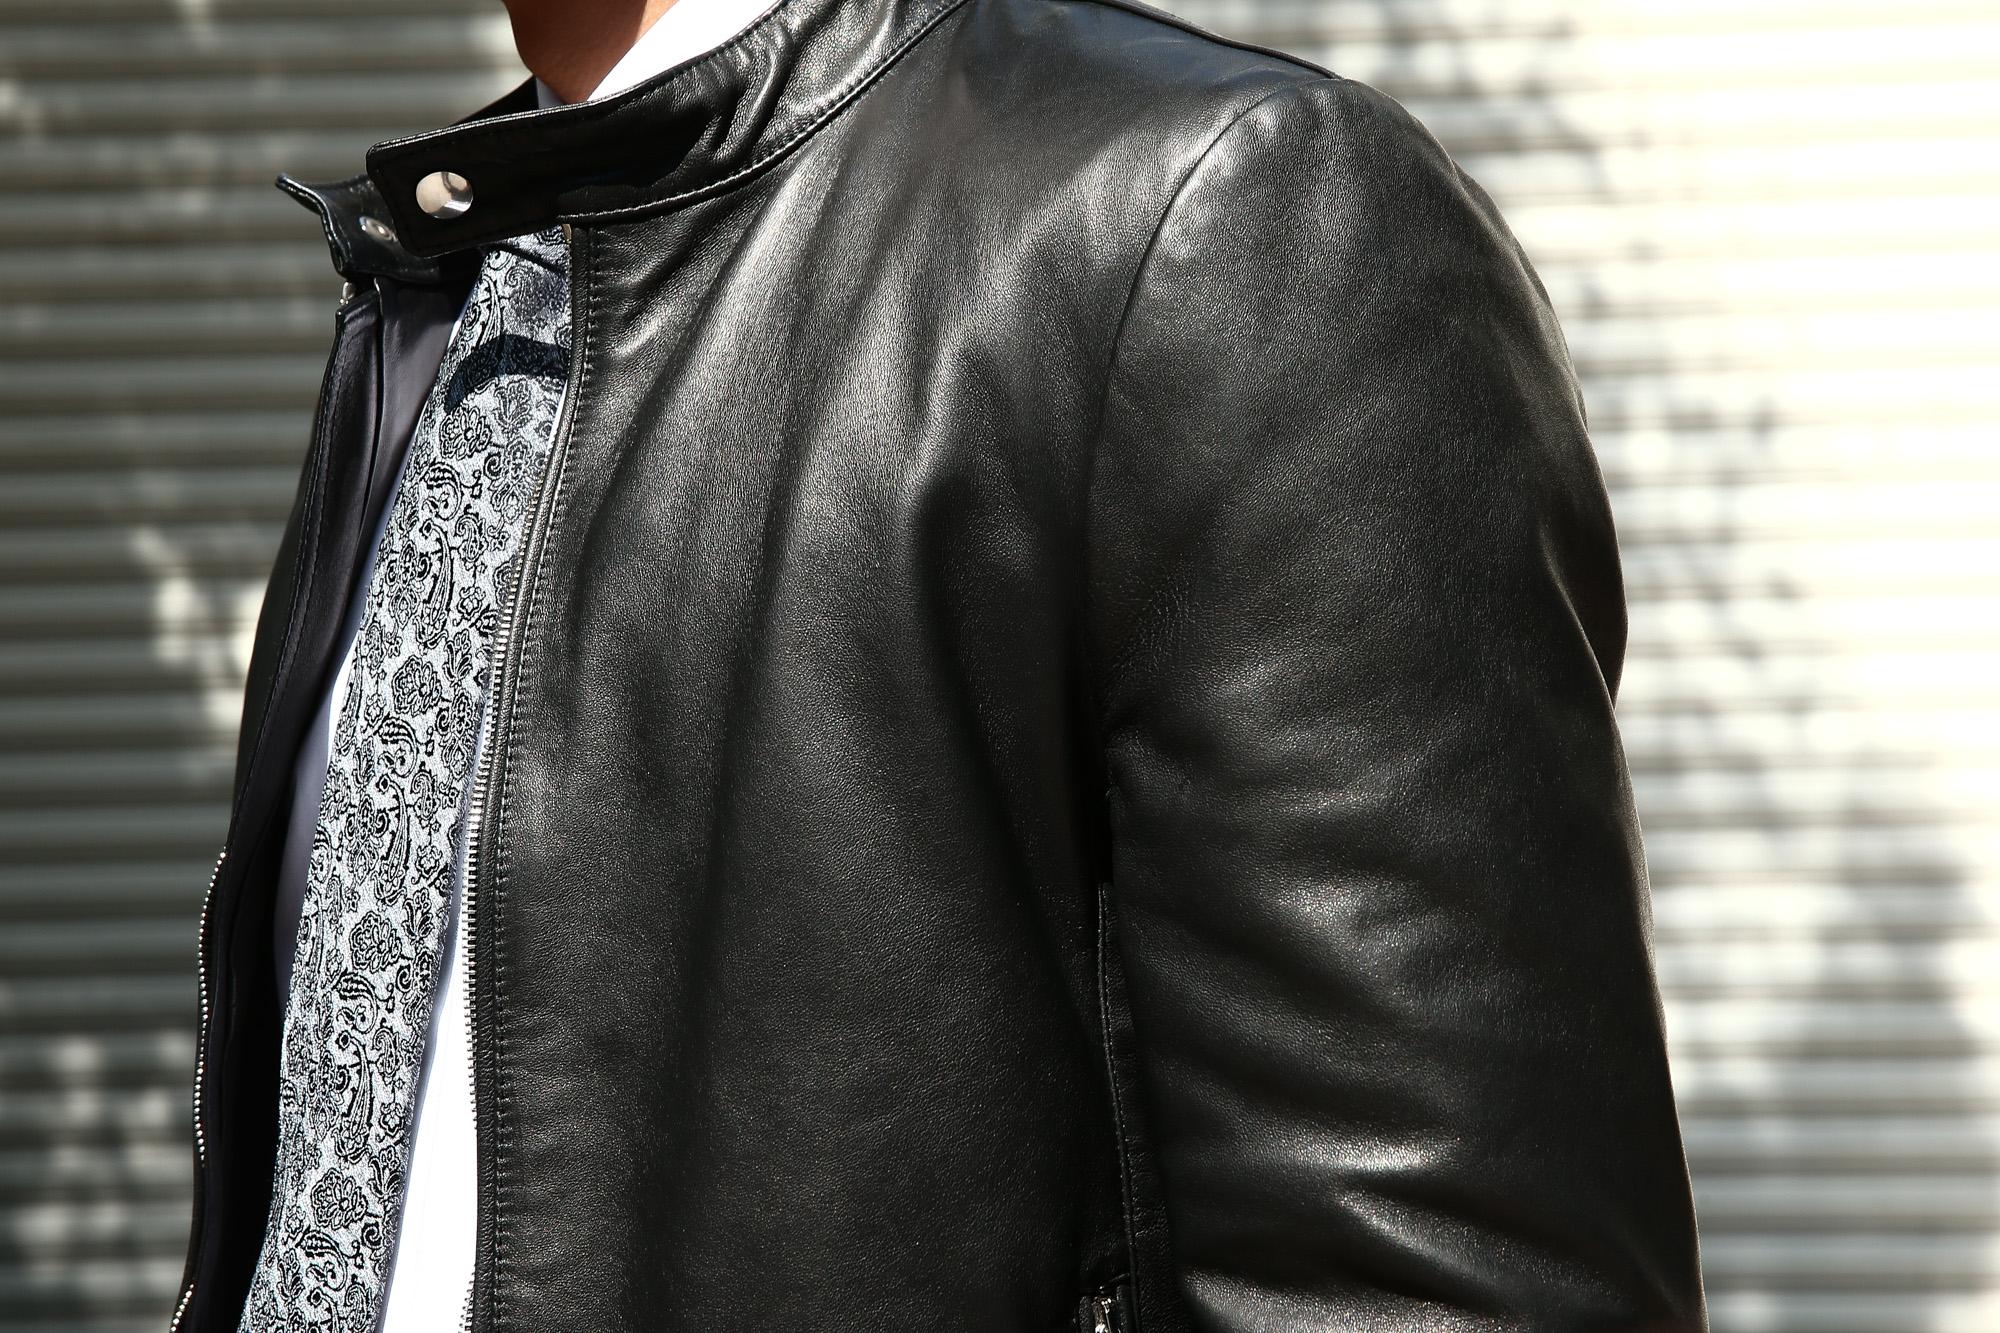 EMMETI (エンメティ) ANDREA (アンドレア) Lambskin Nappa Leather ラムナッパレザー 中綿入り シングル ライダース ジャケット NERO (ブラック・190/1) Made in italy (イタリア製) 2018 秋冬 【ご予約受け付け中】 emmeti juri ユリ 愛知 名古屋 ZODIAC ゾディアック レザージャケット シングルレザー